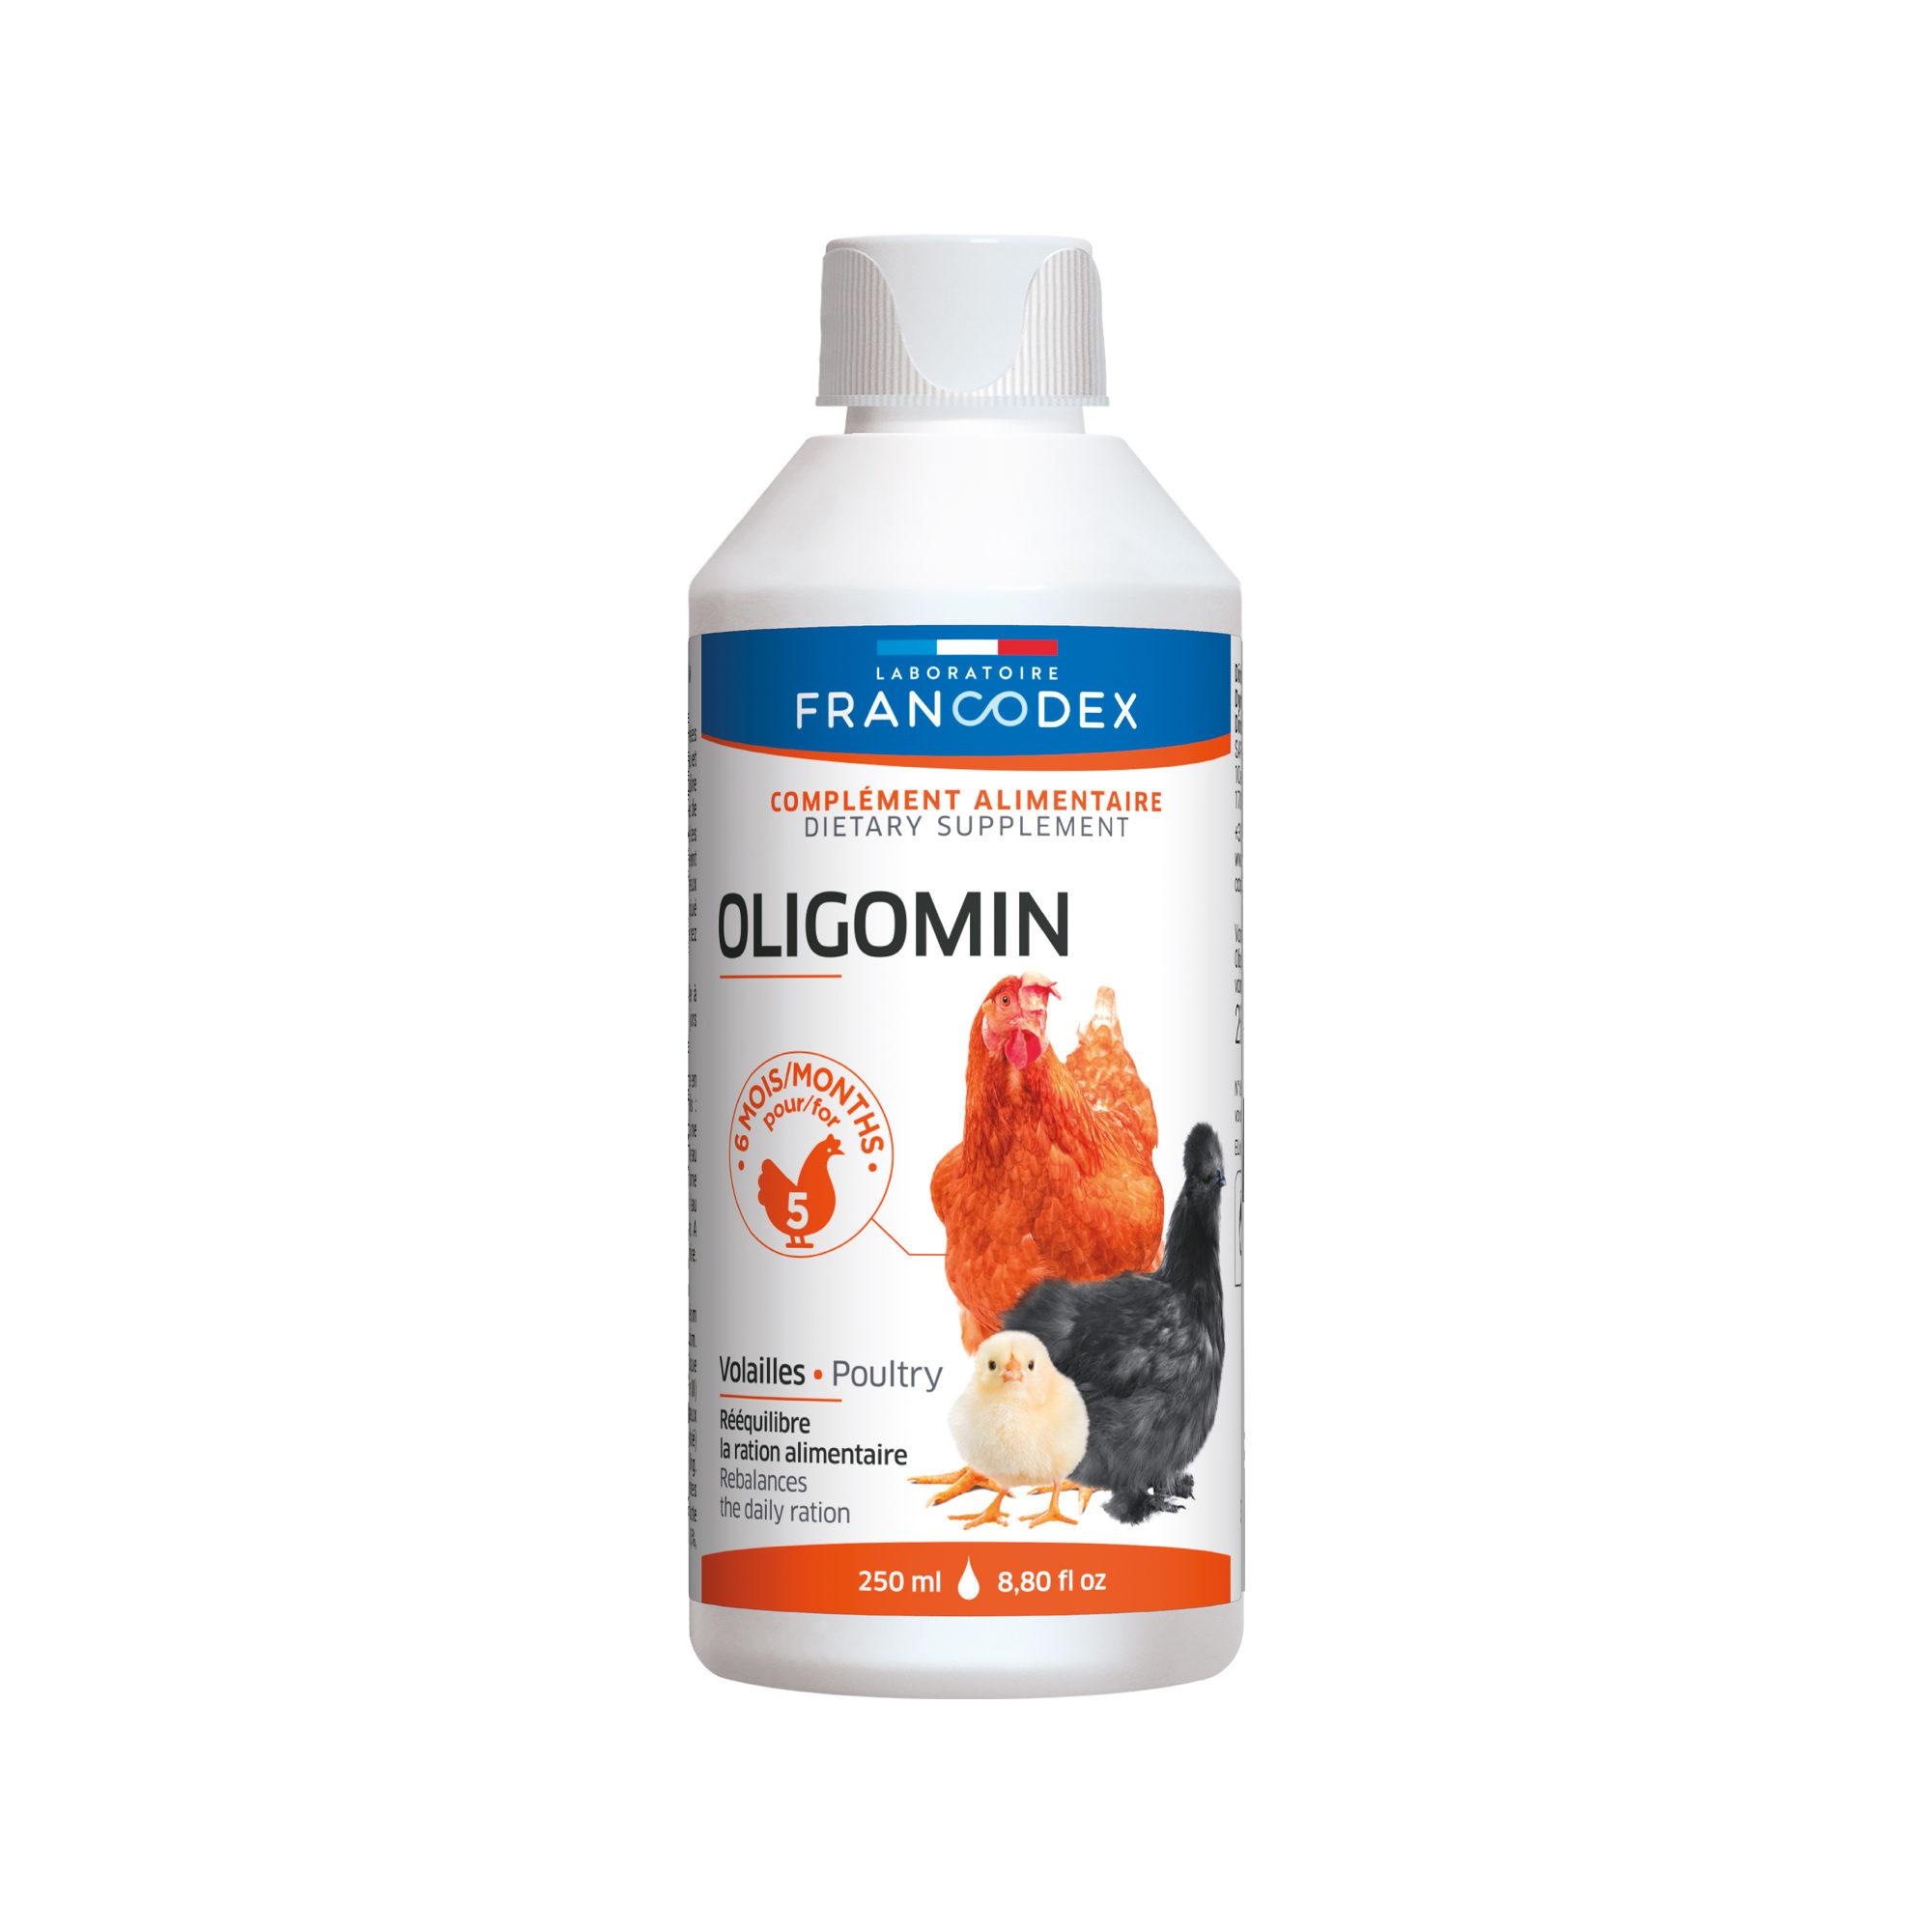 Francodex Oligomin für Geflügel